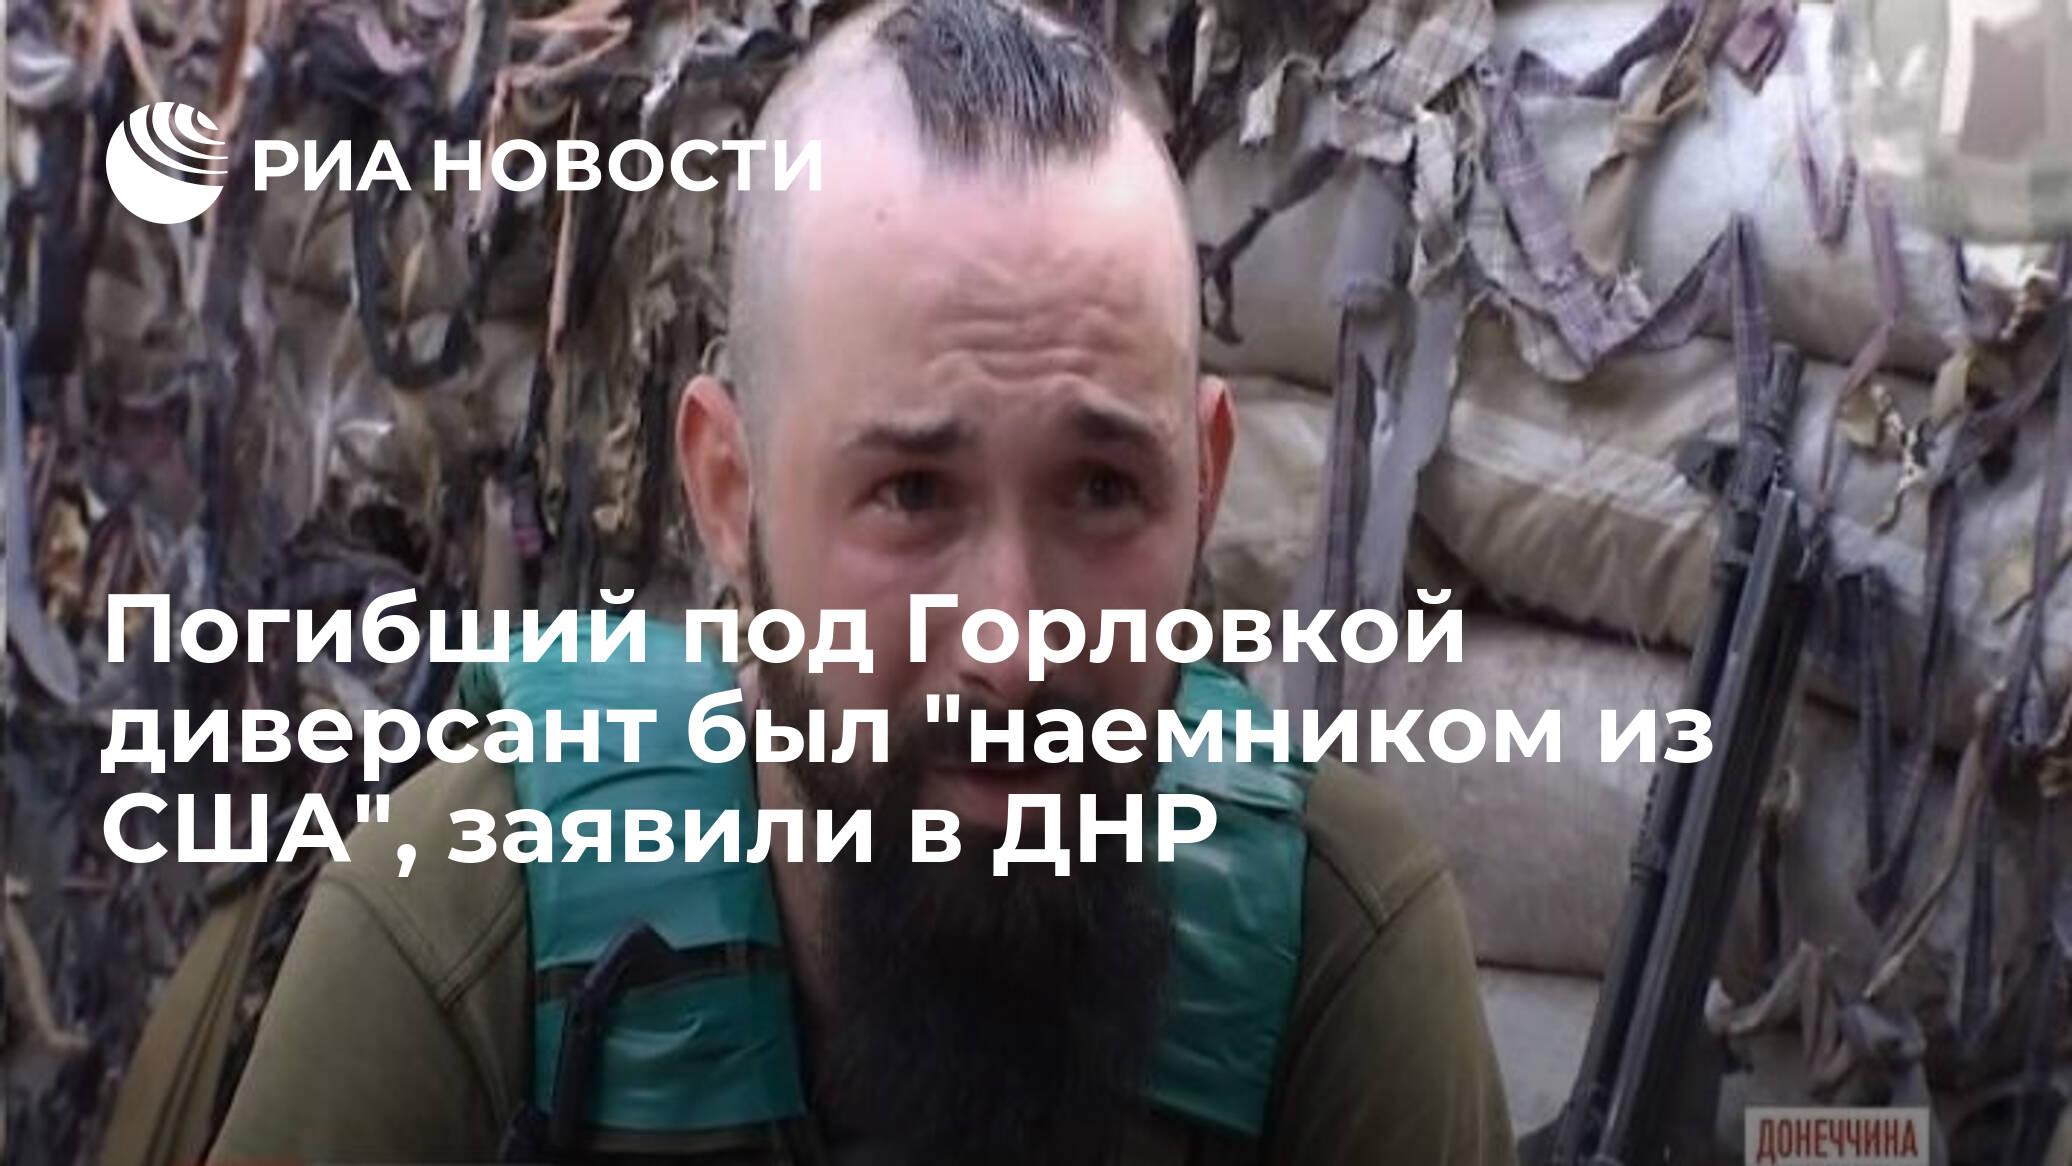 """Погибший под Горловкой диверсант был """"наемником из США"""", заявили в ДНР - РИА Новости, 16.07.2020"""